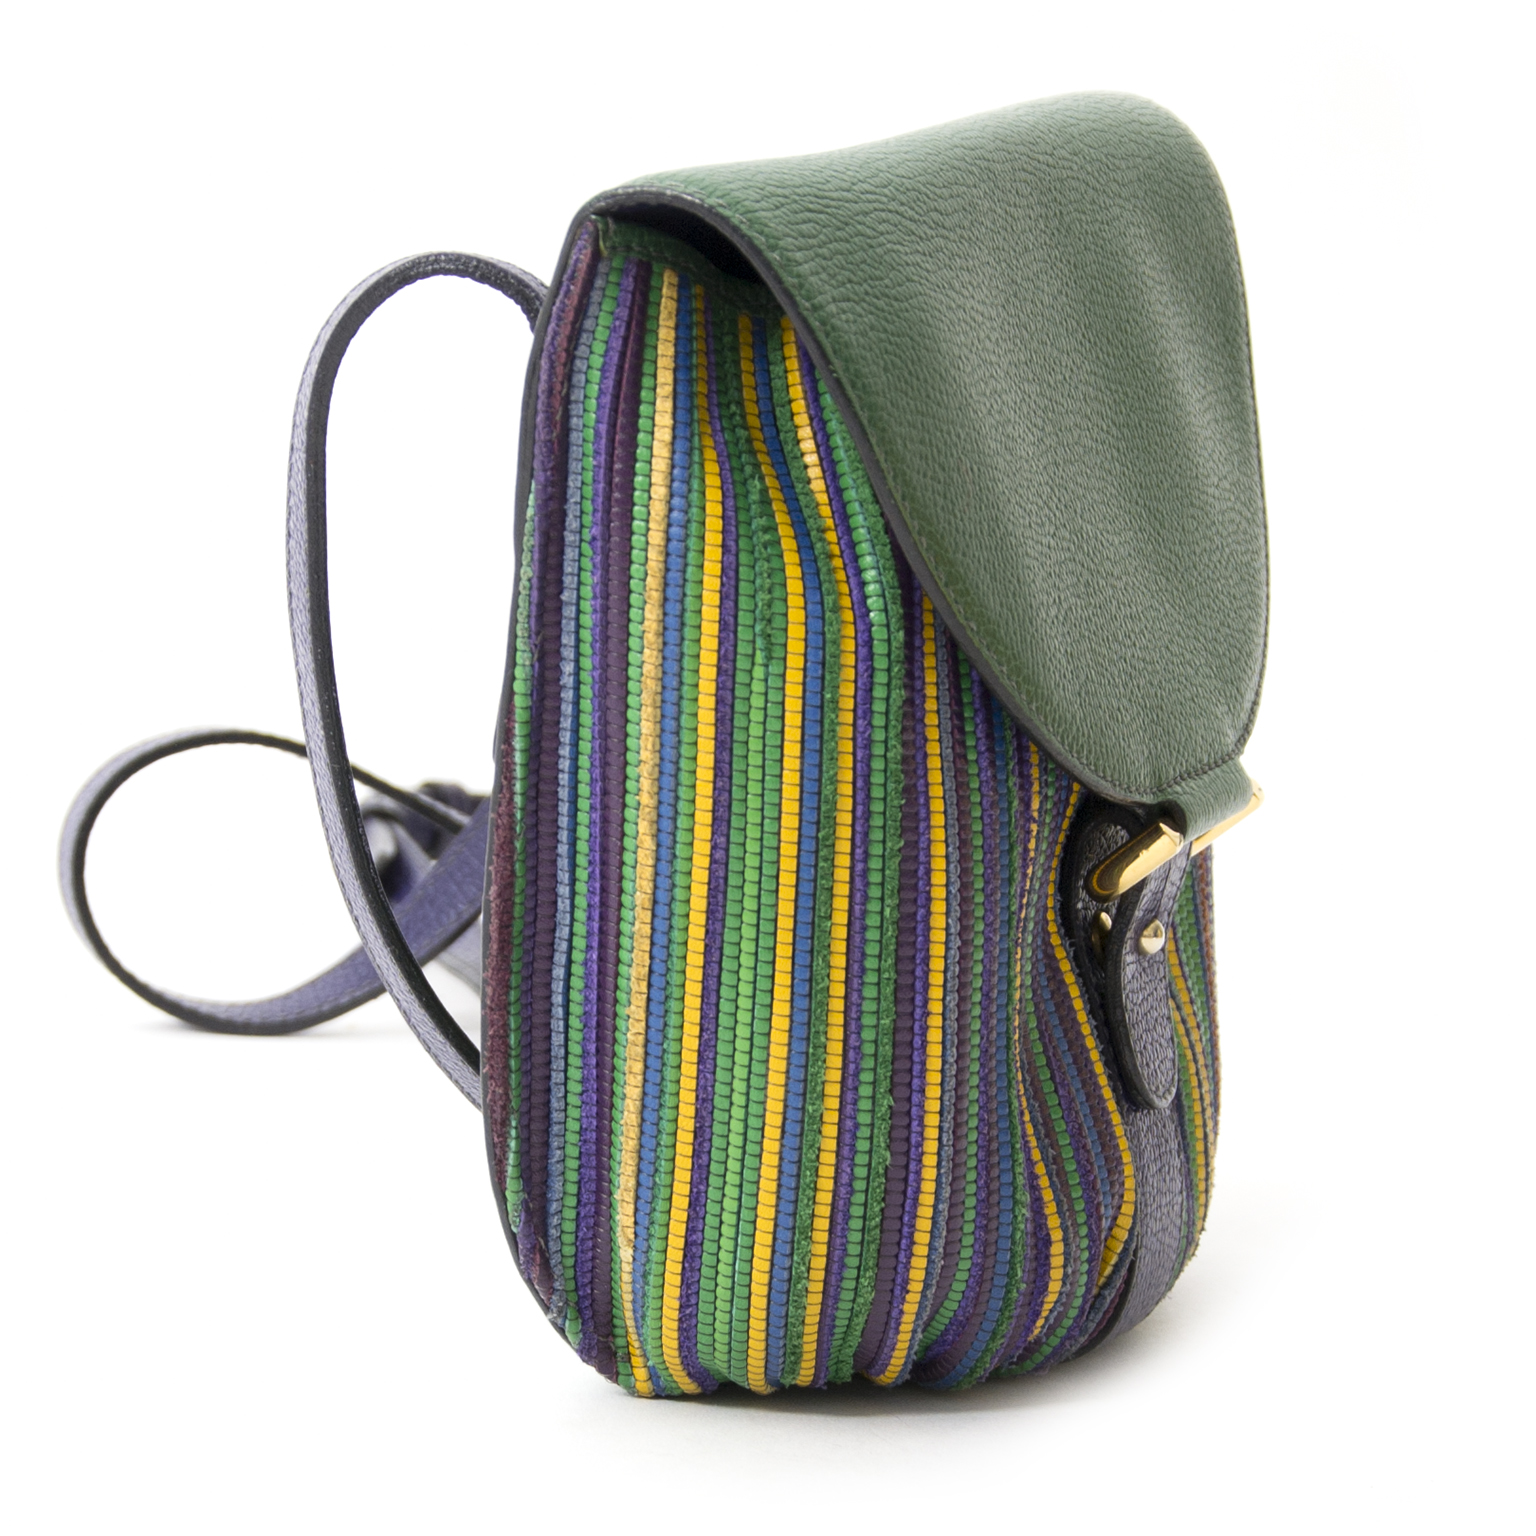 76d2045750d4 ... buy safe online secondhand designer Delvaux Toile de Cuir Green  Crossbody Pouch